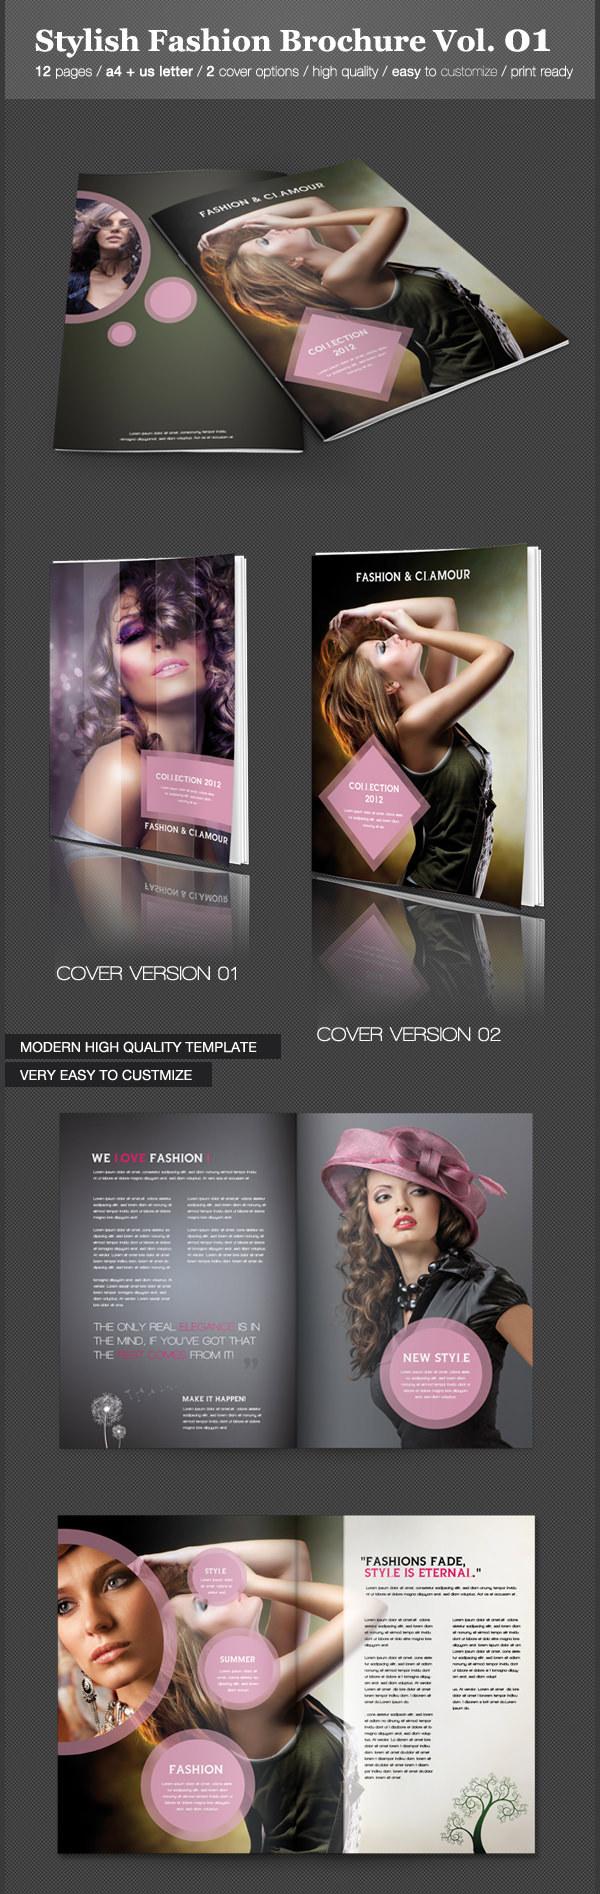 Stylish Fashion Brochure Vol.01